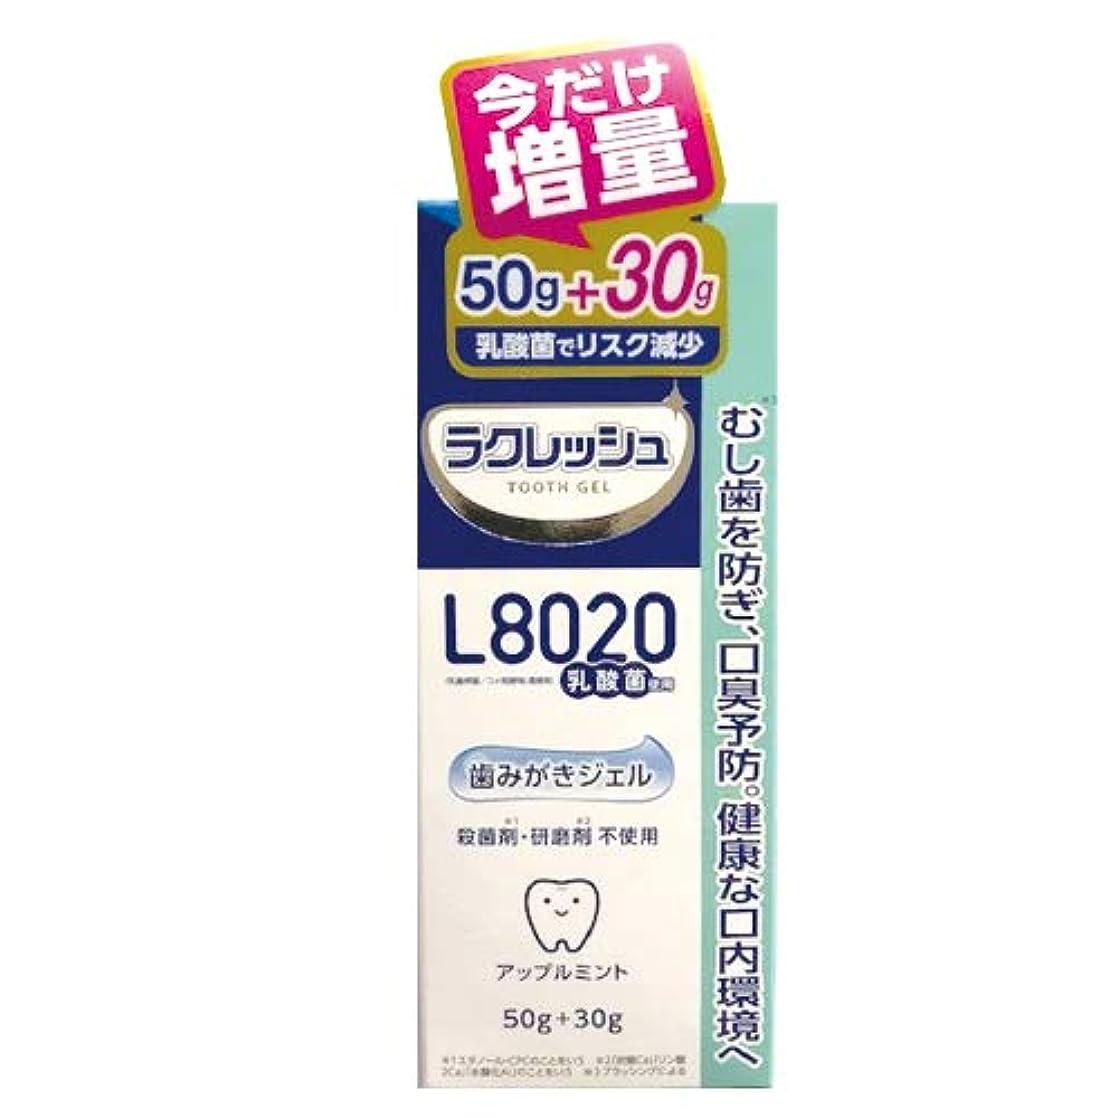 にじみ出る起きろのヒープ【増量30g 】ジェクス L8020乳酸菌 ラクレッシュ 歯みがきジェル 80g(50g+30g)